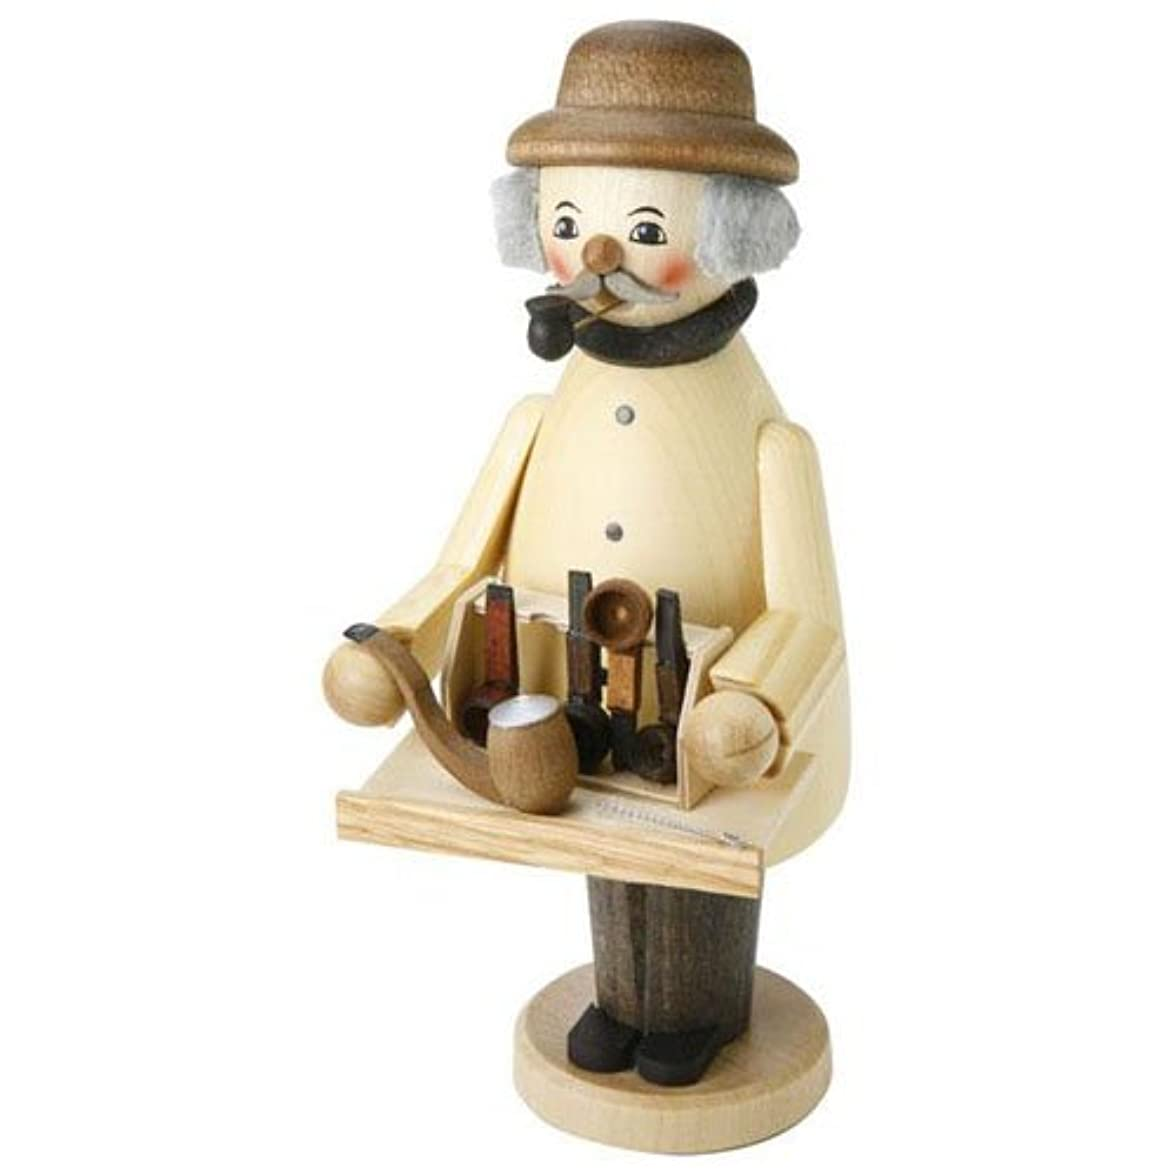 流星ヒット古風な39089 Kuhnert(クーネルト) ミニパイプ人形香炉 パイプ売り